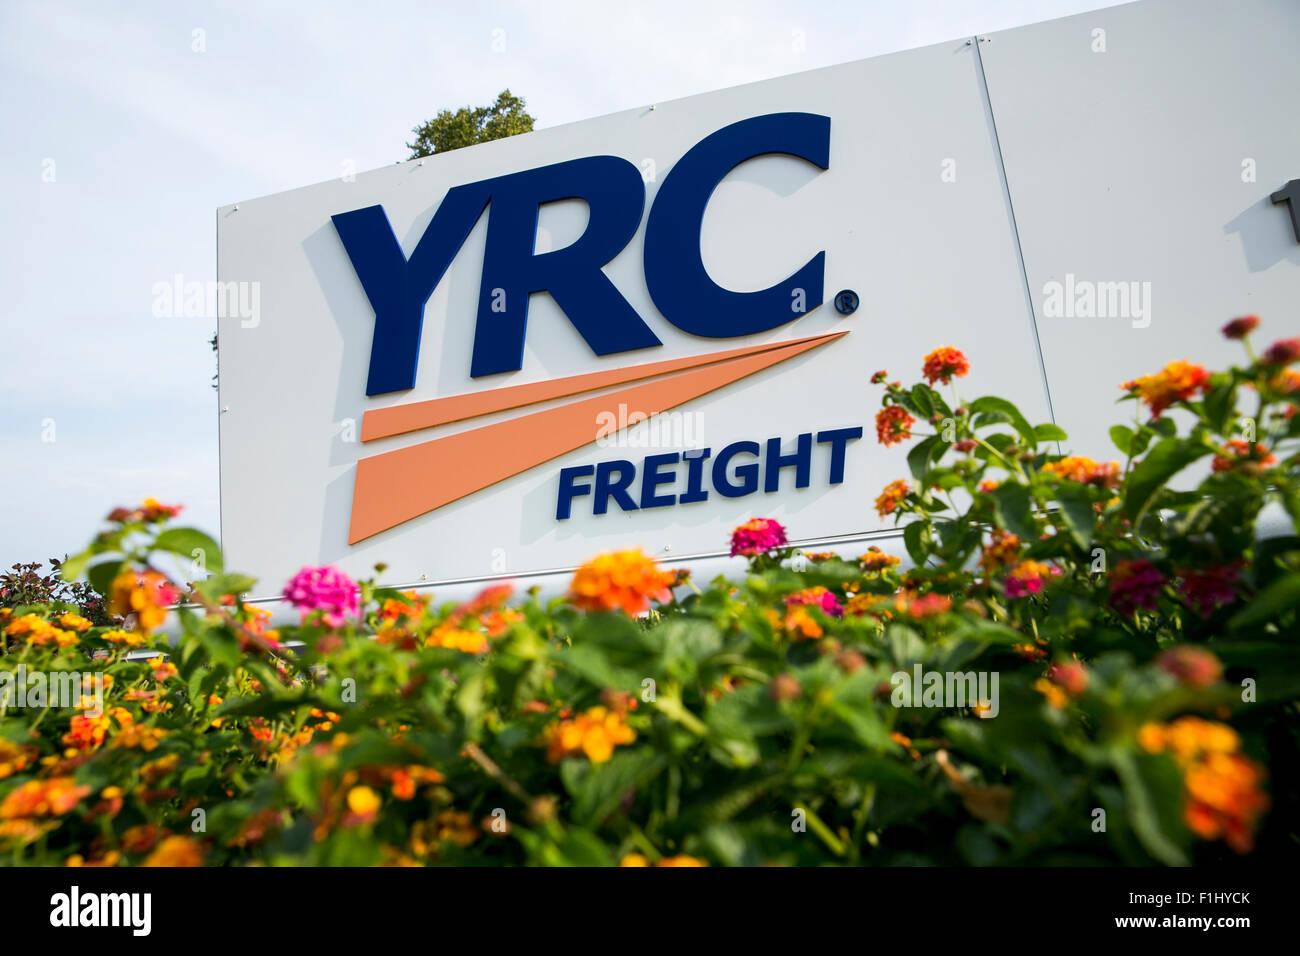 Yrc Freight Stock Photos & Yrc Freight Stock Images - Alamy